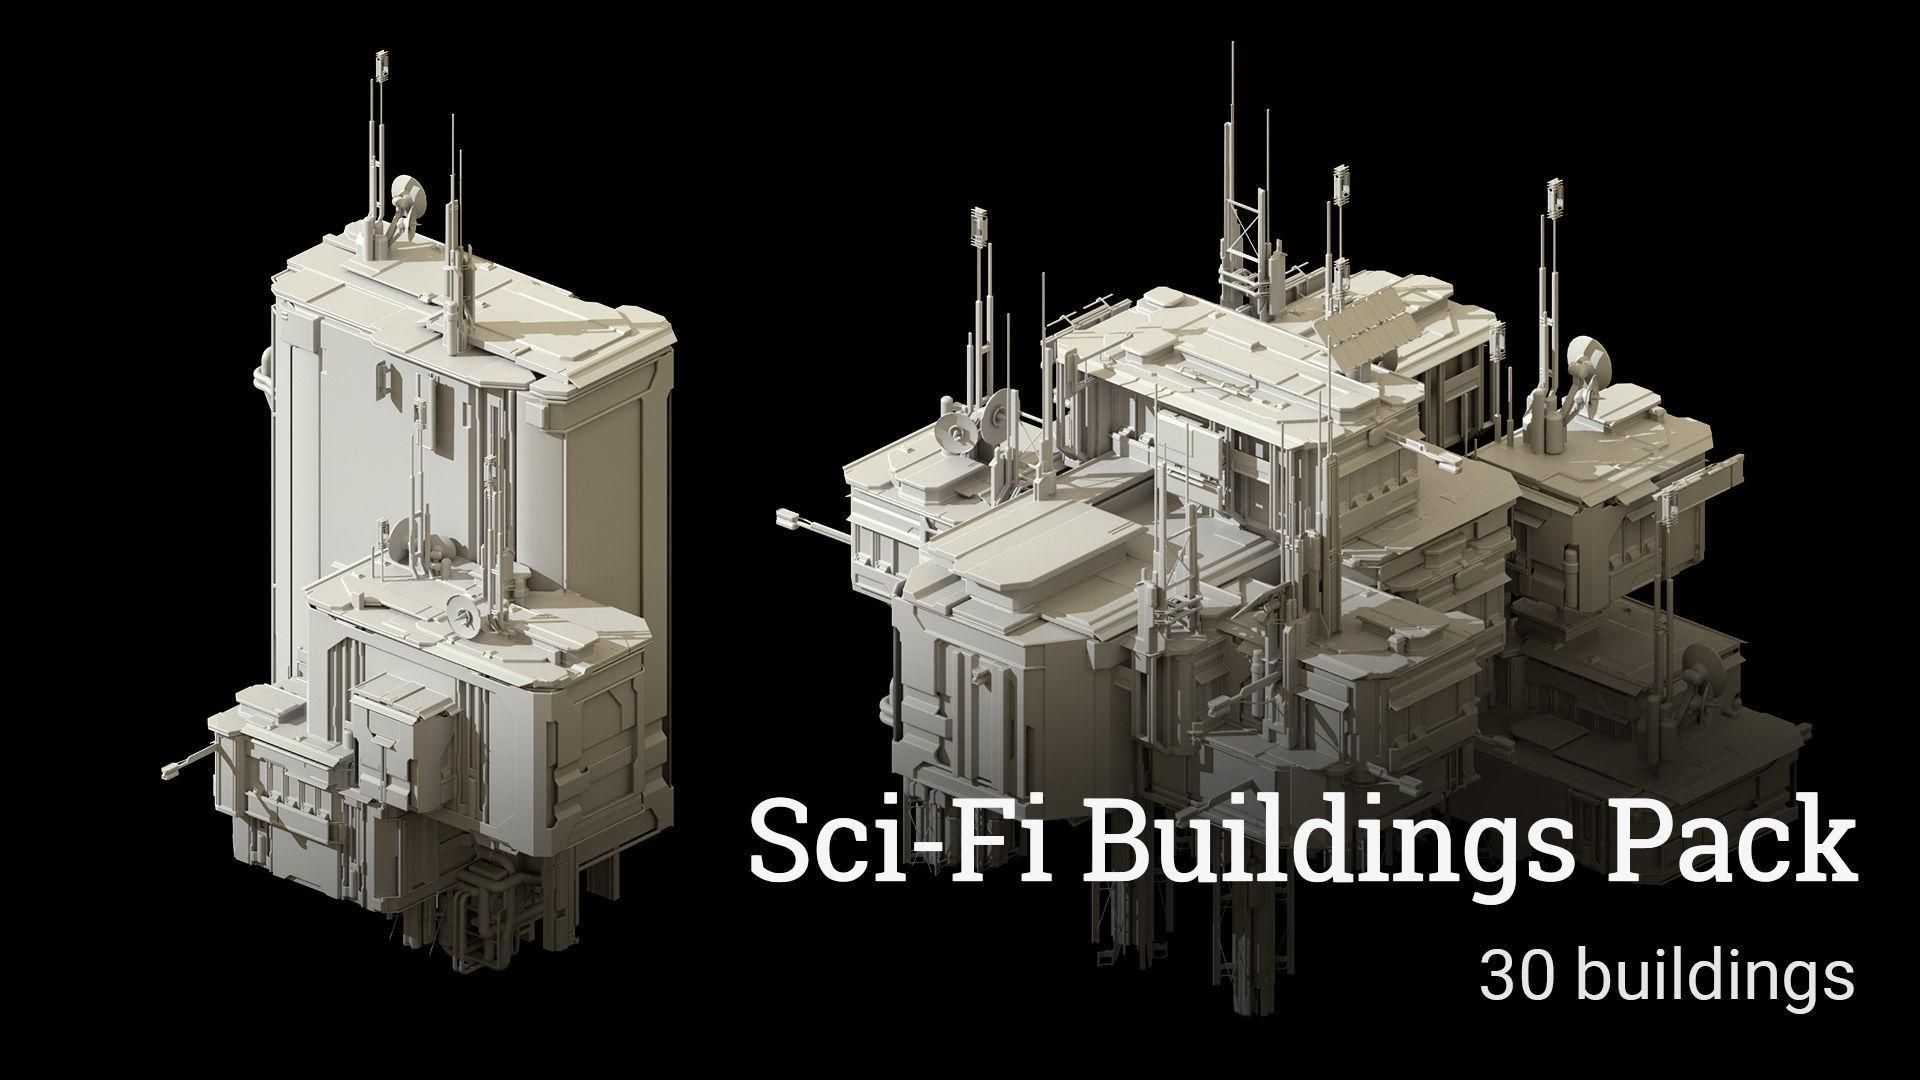 Sci-Fi Buildings Pack - 30 Buildings